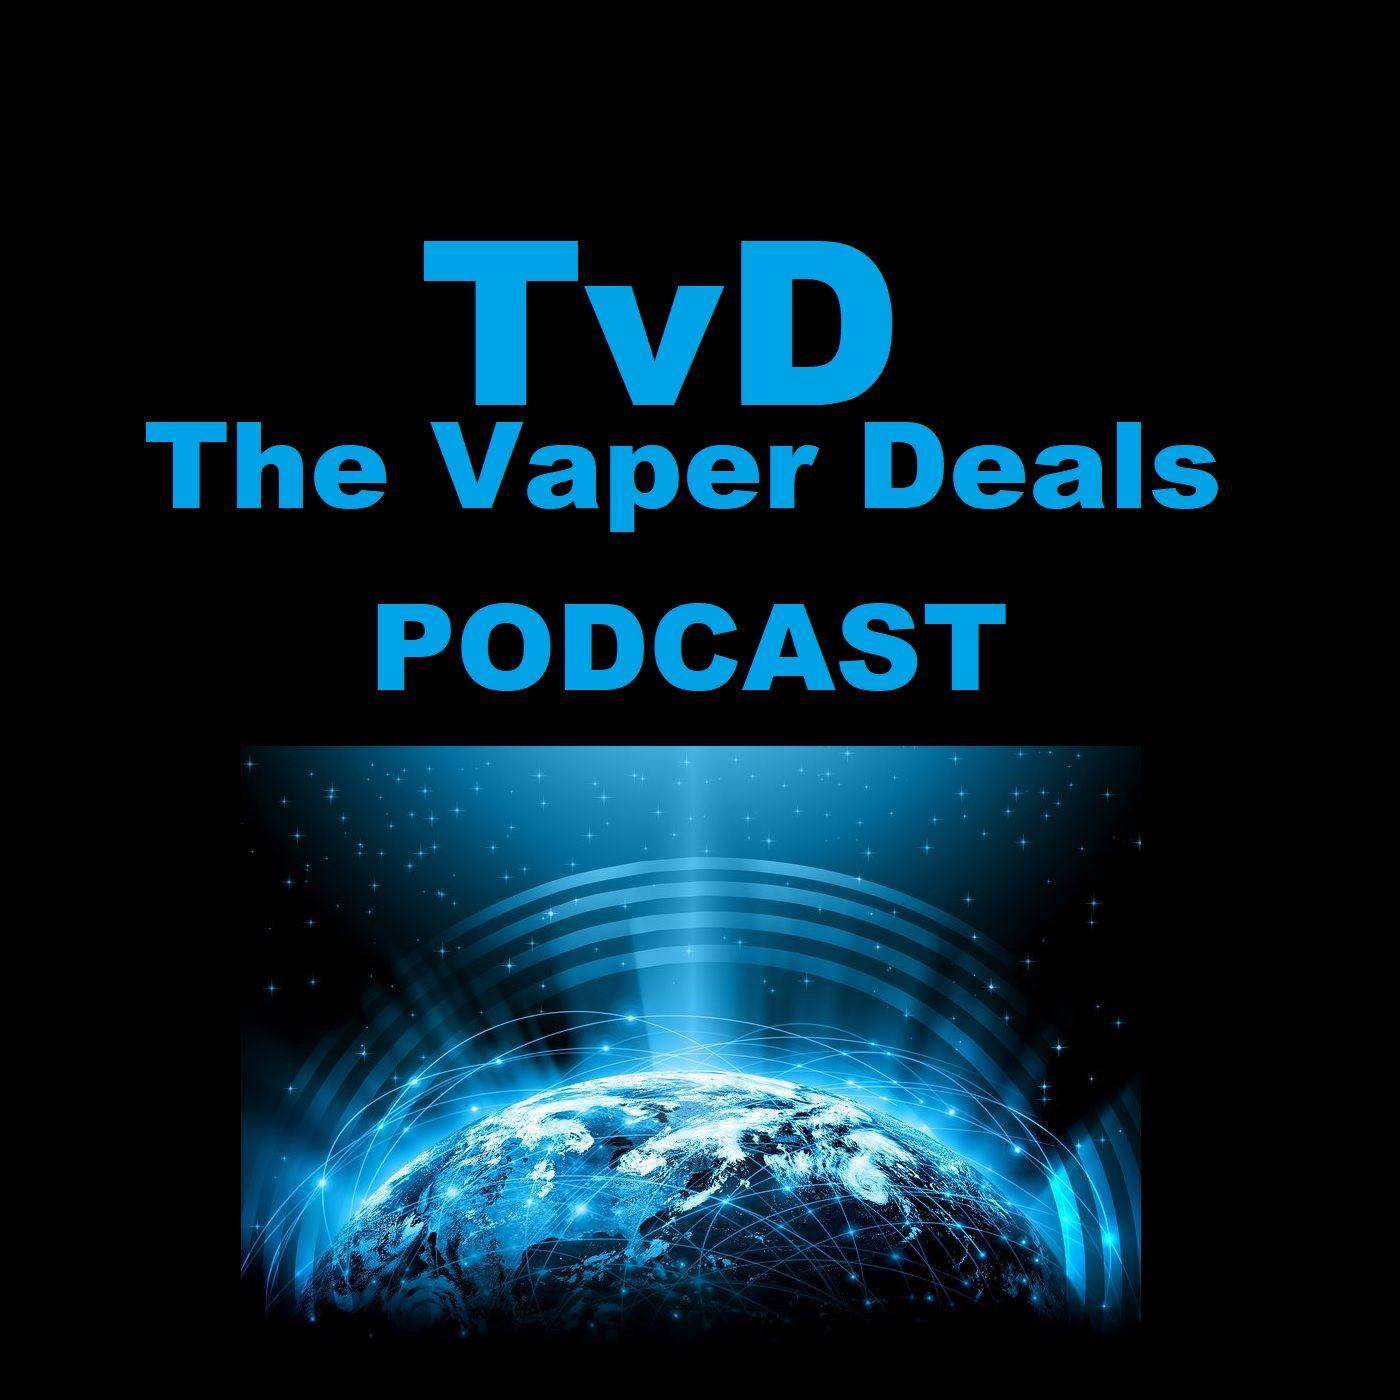 The Vaper Deals Podcast